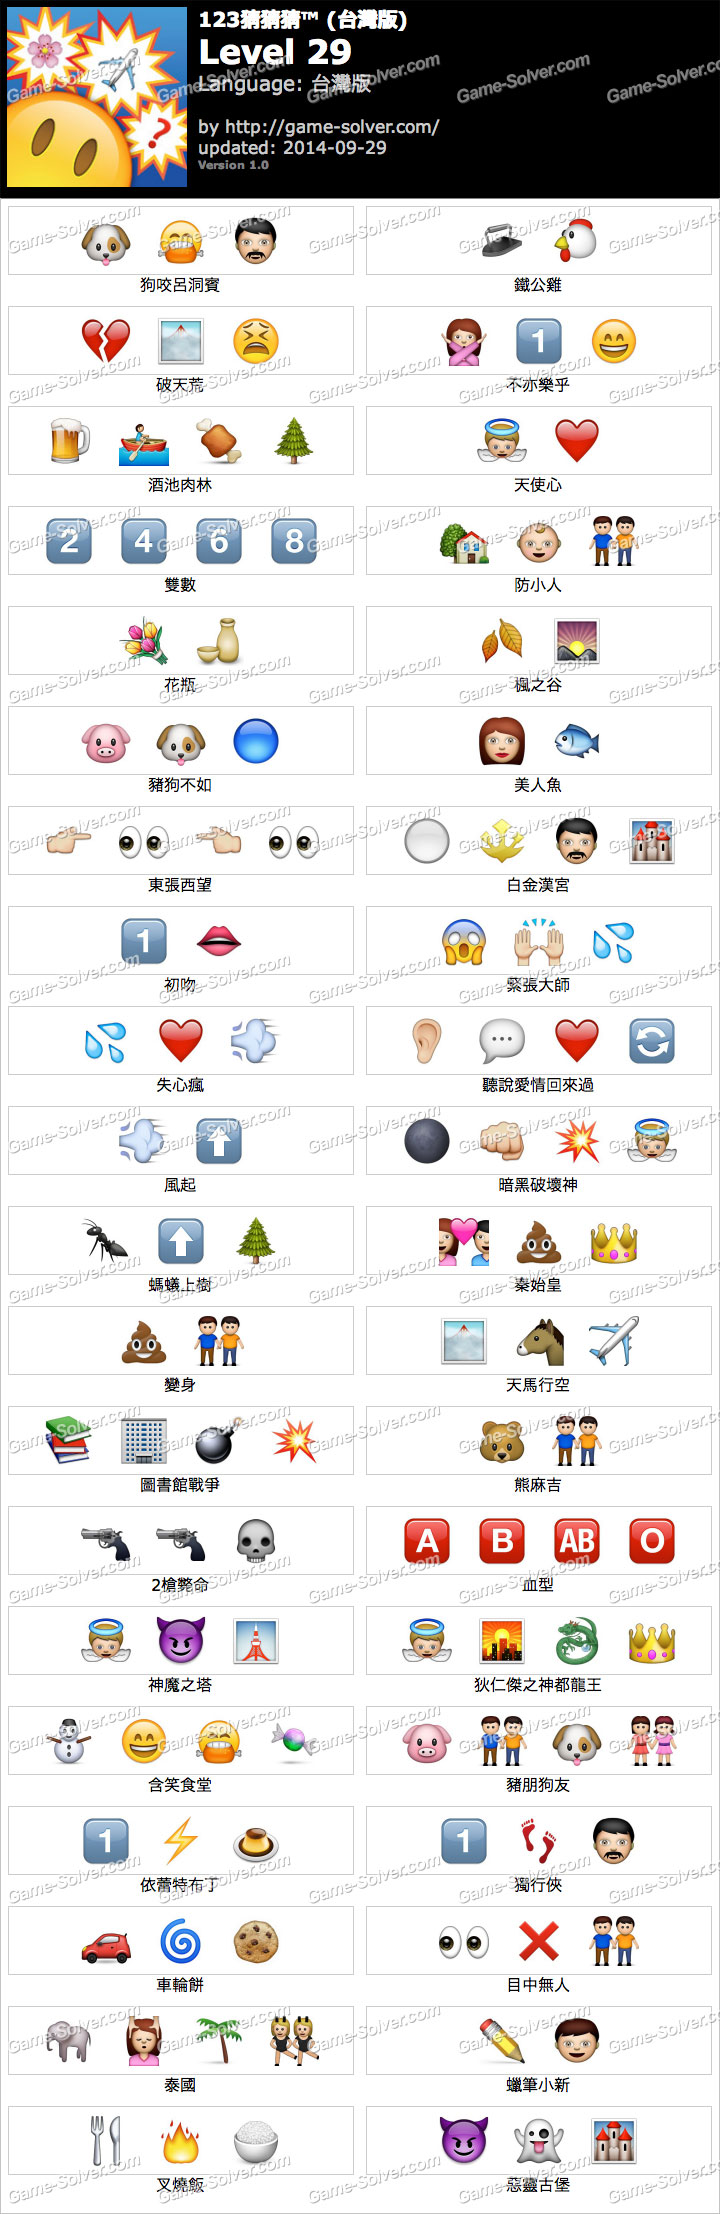 123猜猜猜台灣版答案等級29